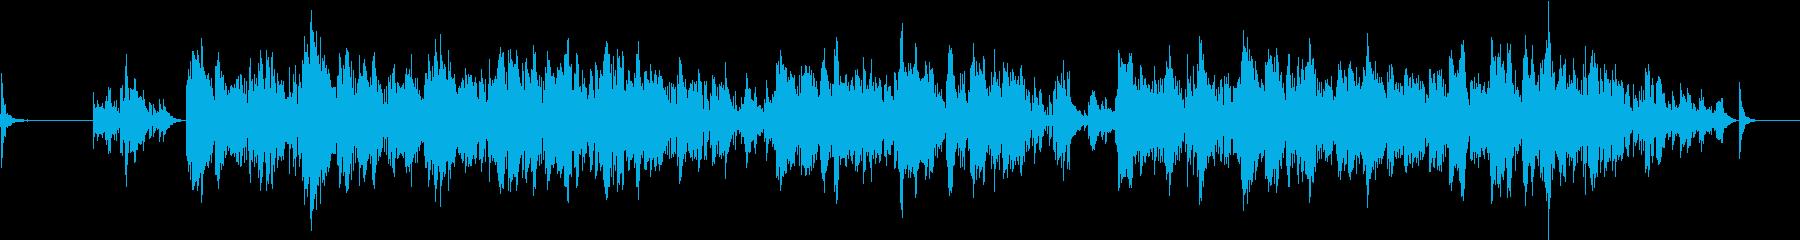 心の過剰反応をピアノ群で表したものの再生済みの波形